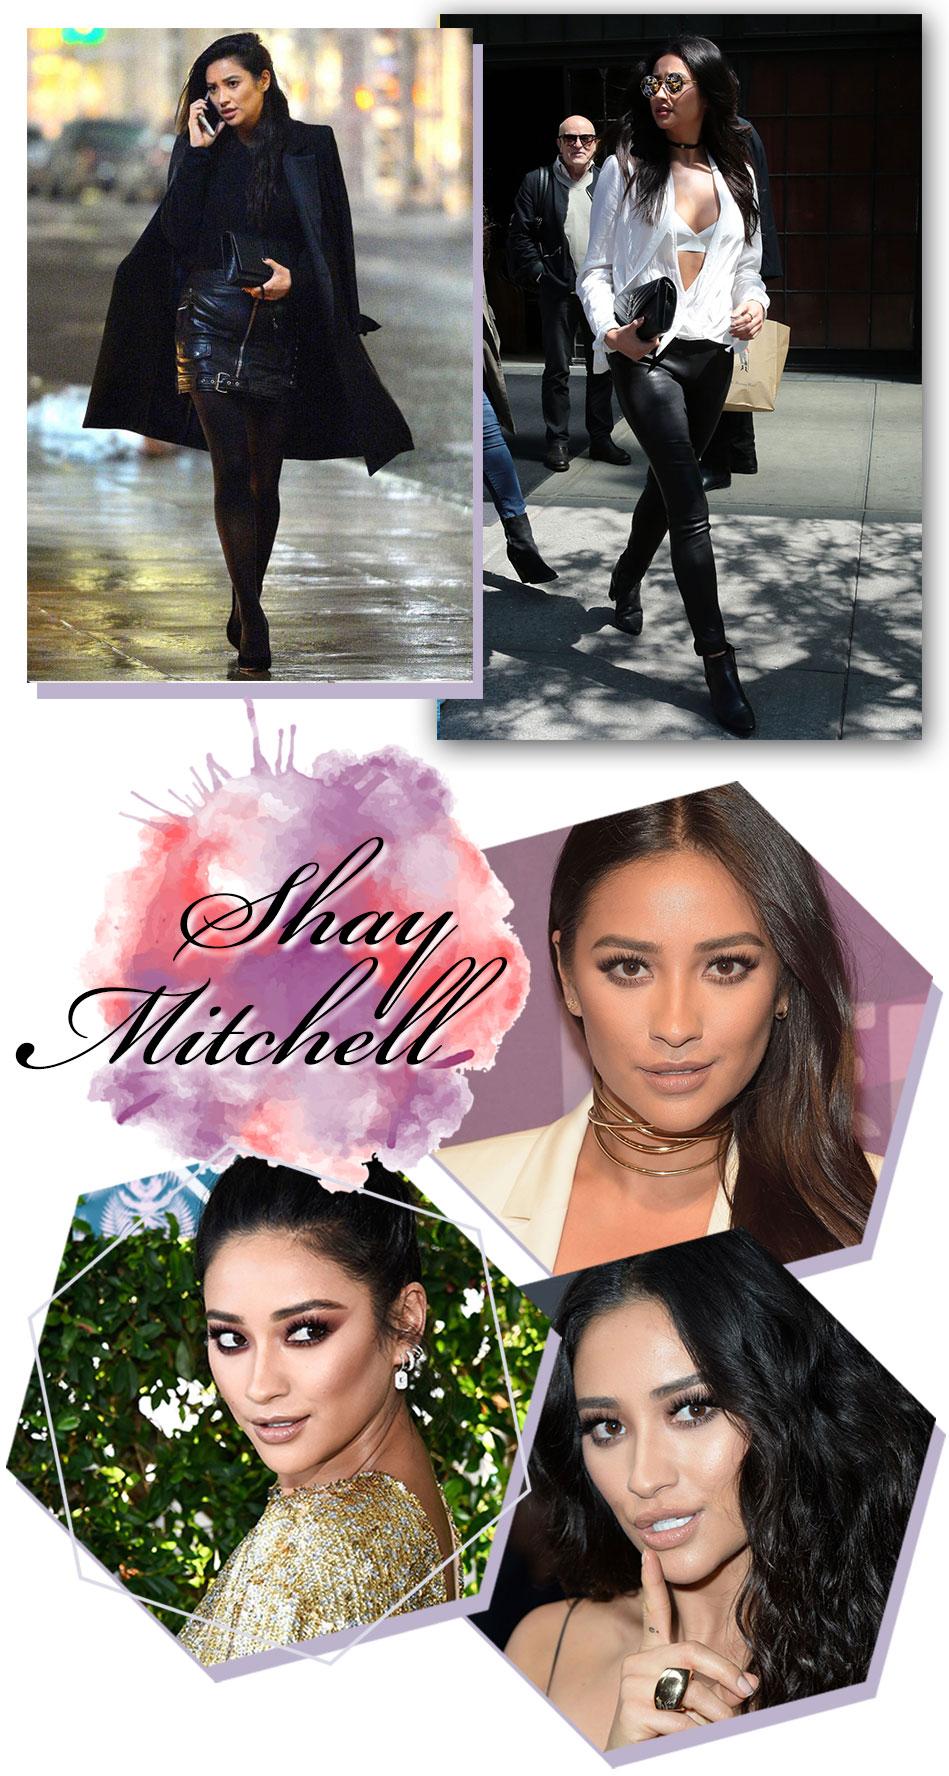 Estilo Shay Mitchell